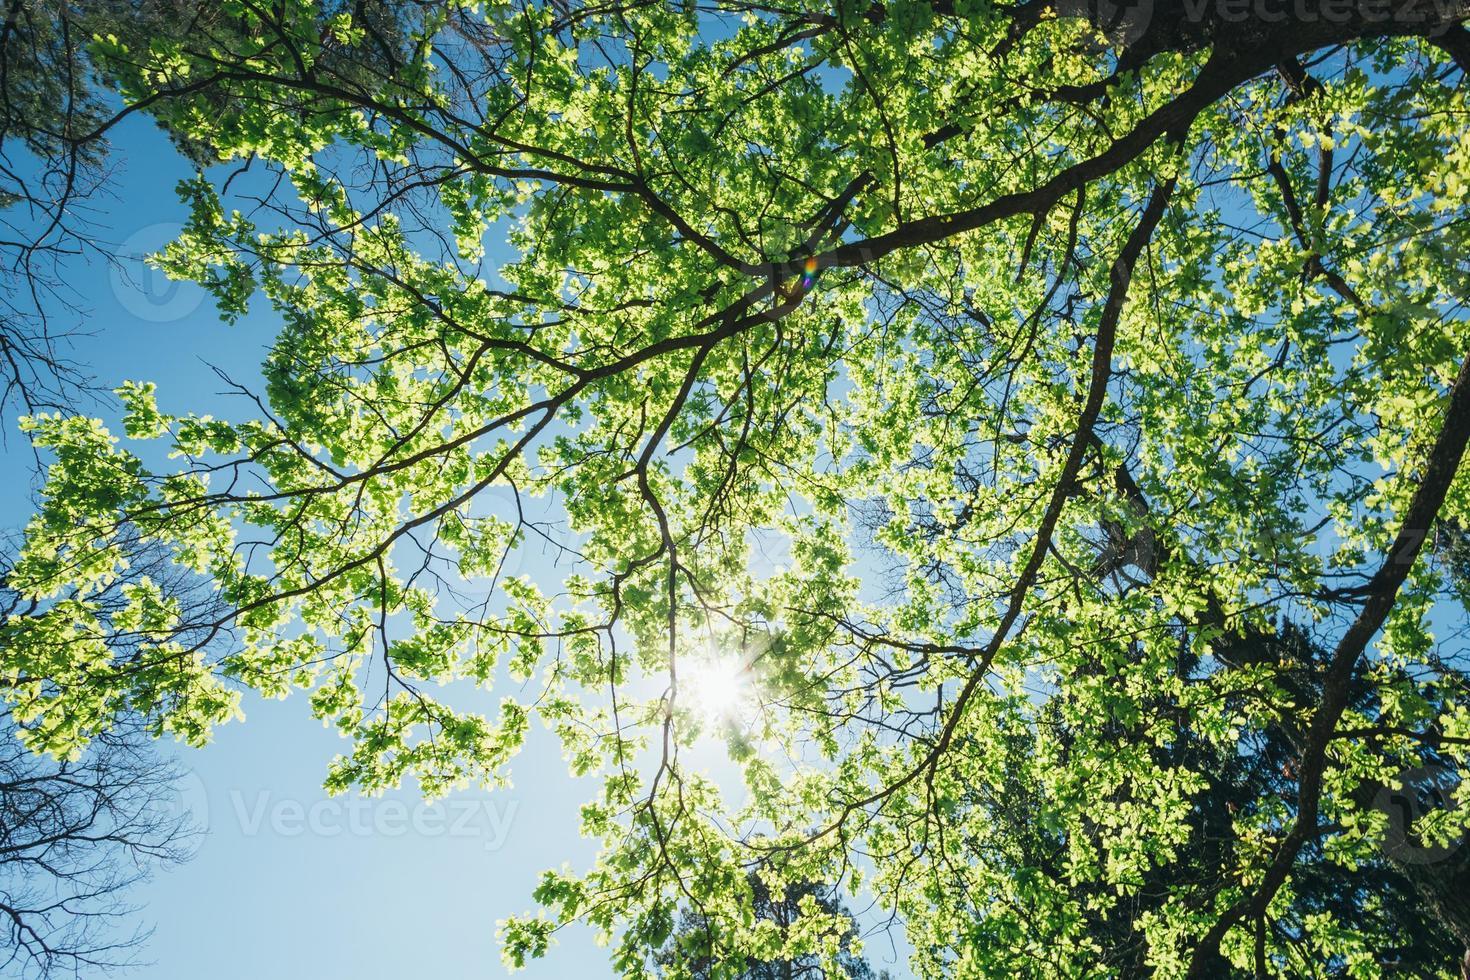 baldacchino soleggiato di alberi ad alto fusto. luce solare nella foresta decidua, estate foto